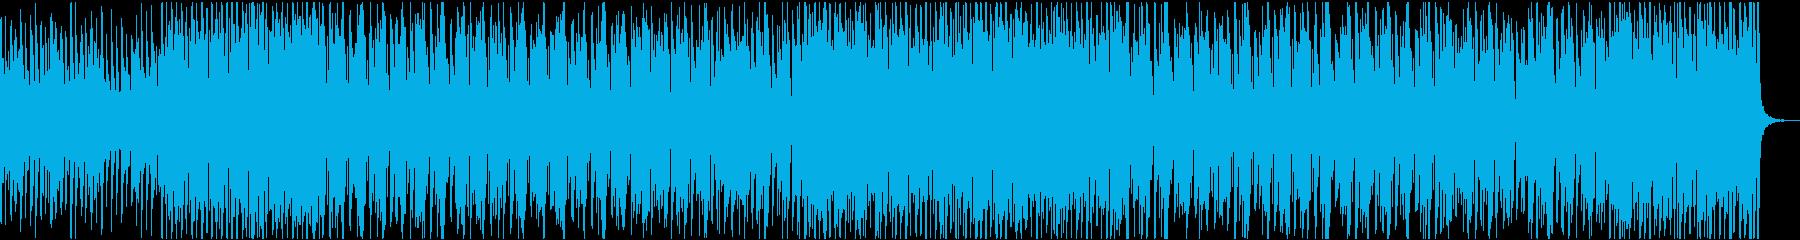 News27 16bit48kHzVerの再生済みの波形